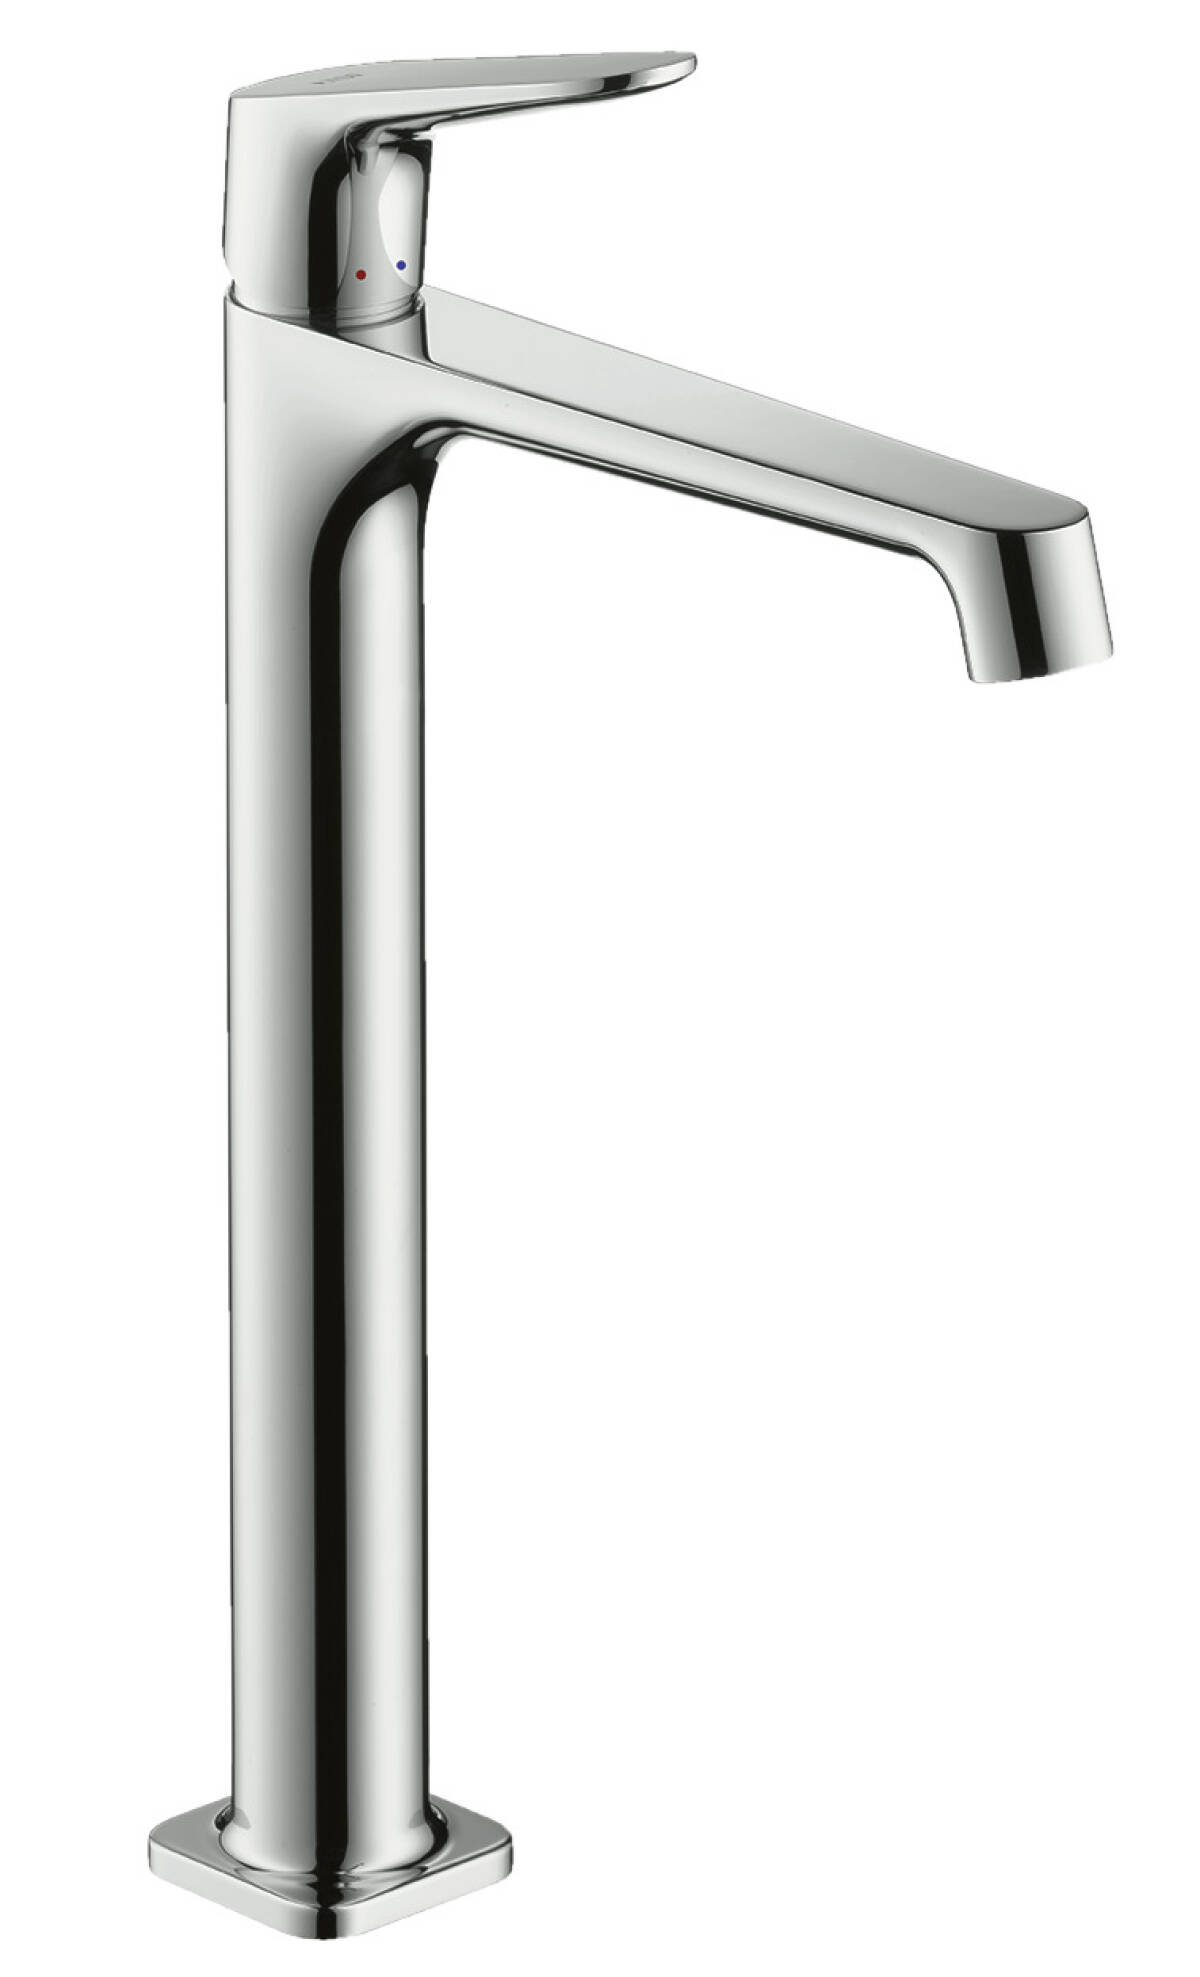 Einhebel-Waschtischmischer 250 ohne Zugstange für Waschschüsseln, Chrom, 34127000